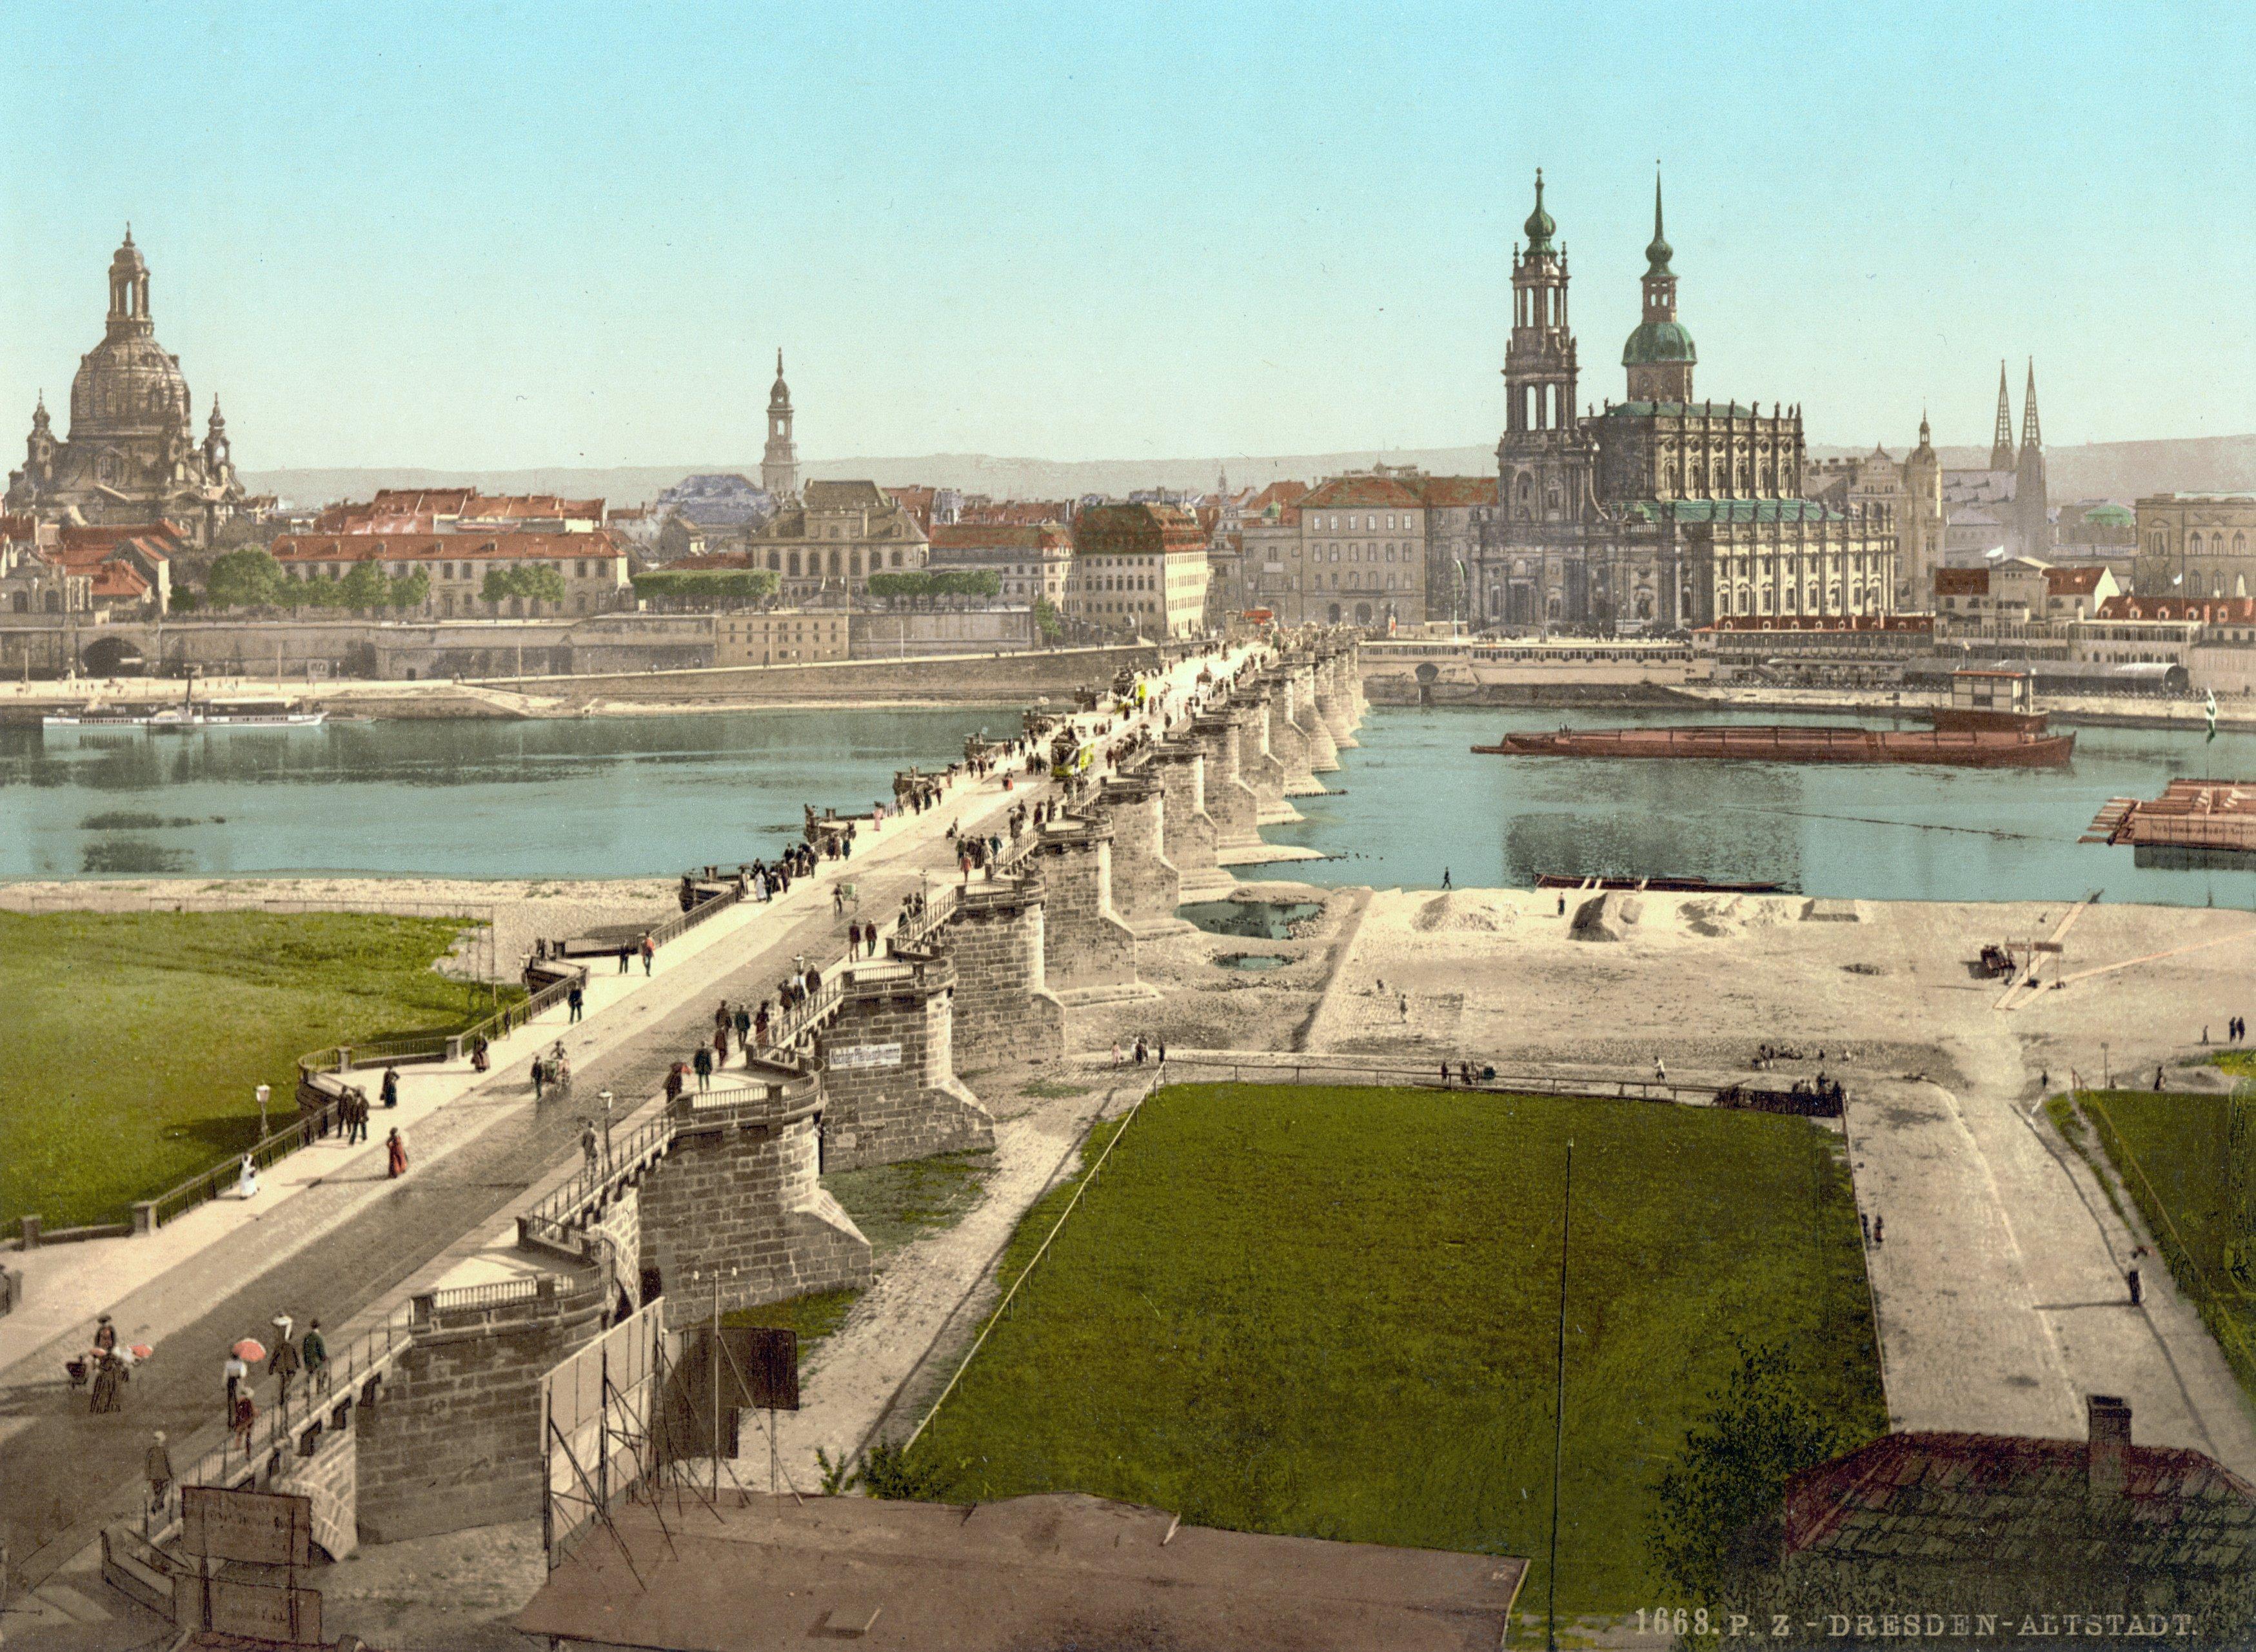 https://upload.wikimedia.org/wikipedia/commons/3/3f/Dresden_Augustusbr%C3%BCcke_Altstadt_1900.jpg